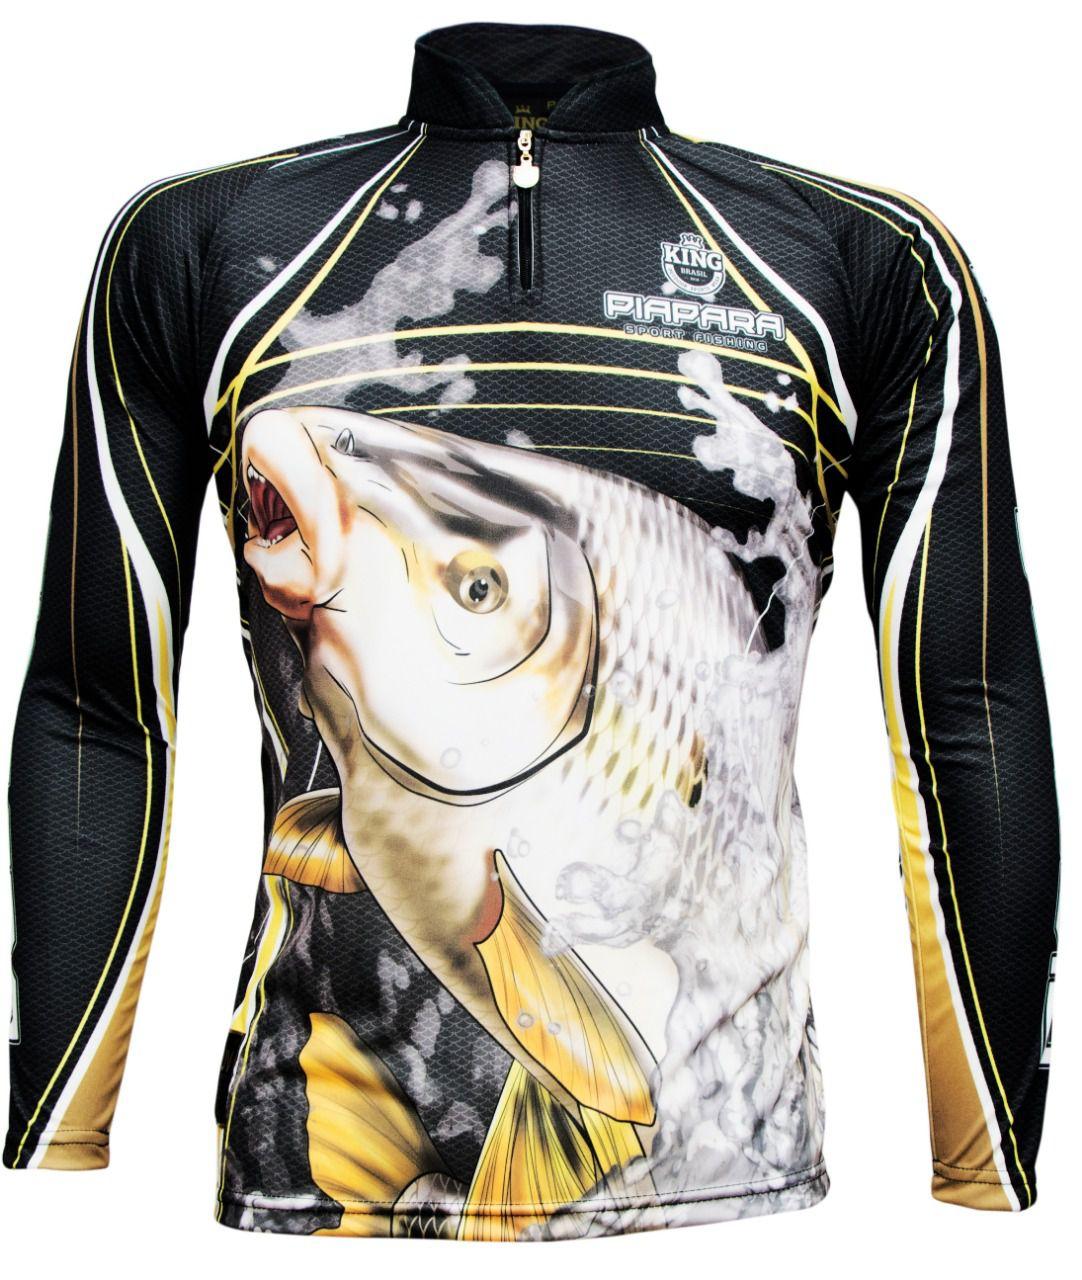 Camiseta De Pesca King Proteção Solar Uv KFF305 - Piapara